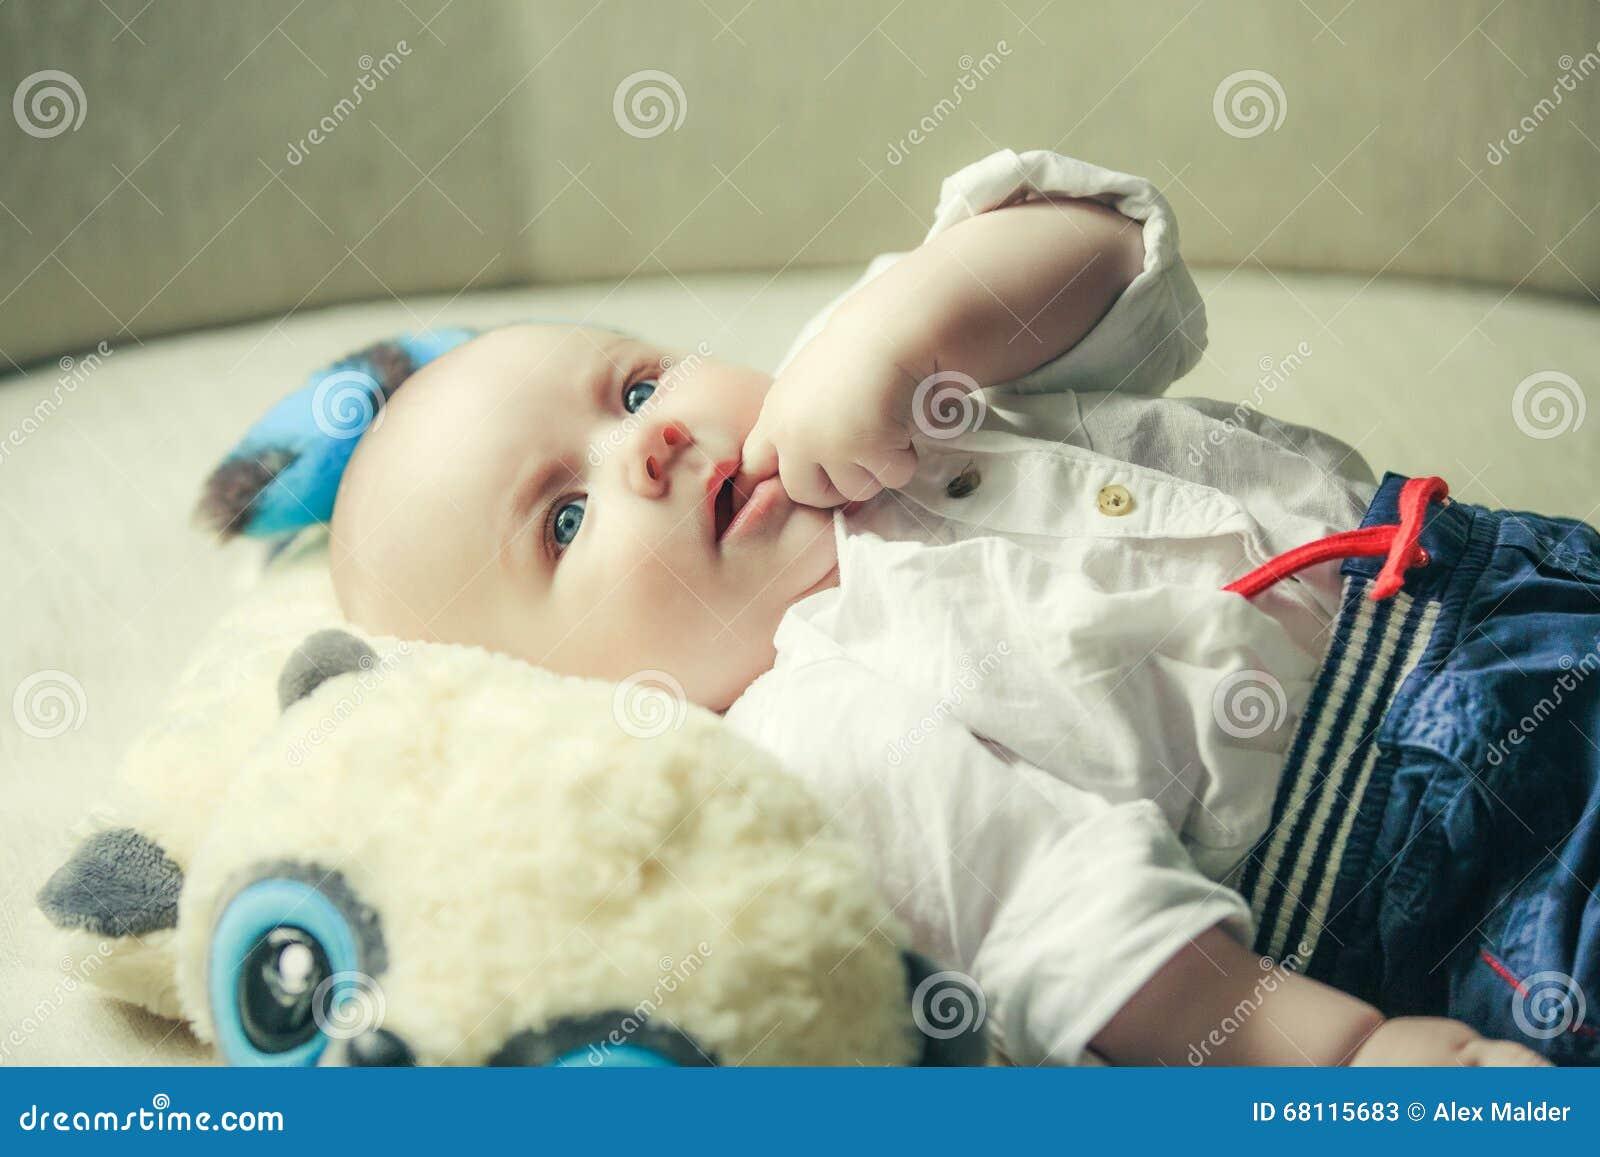 Заботливый маленький ребёнок всасывает палец в рте